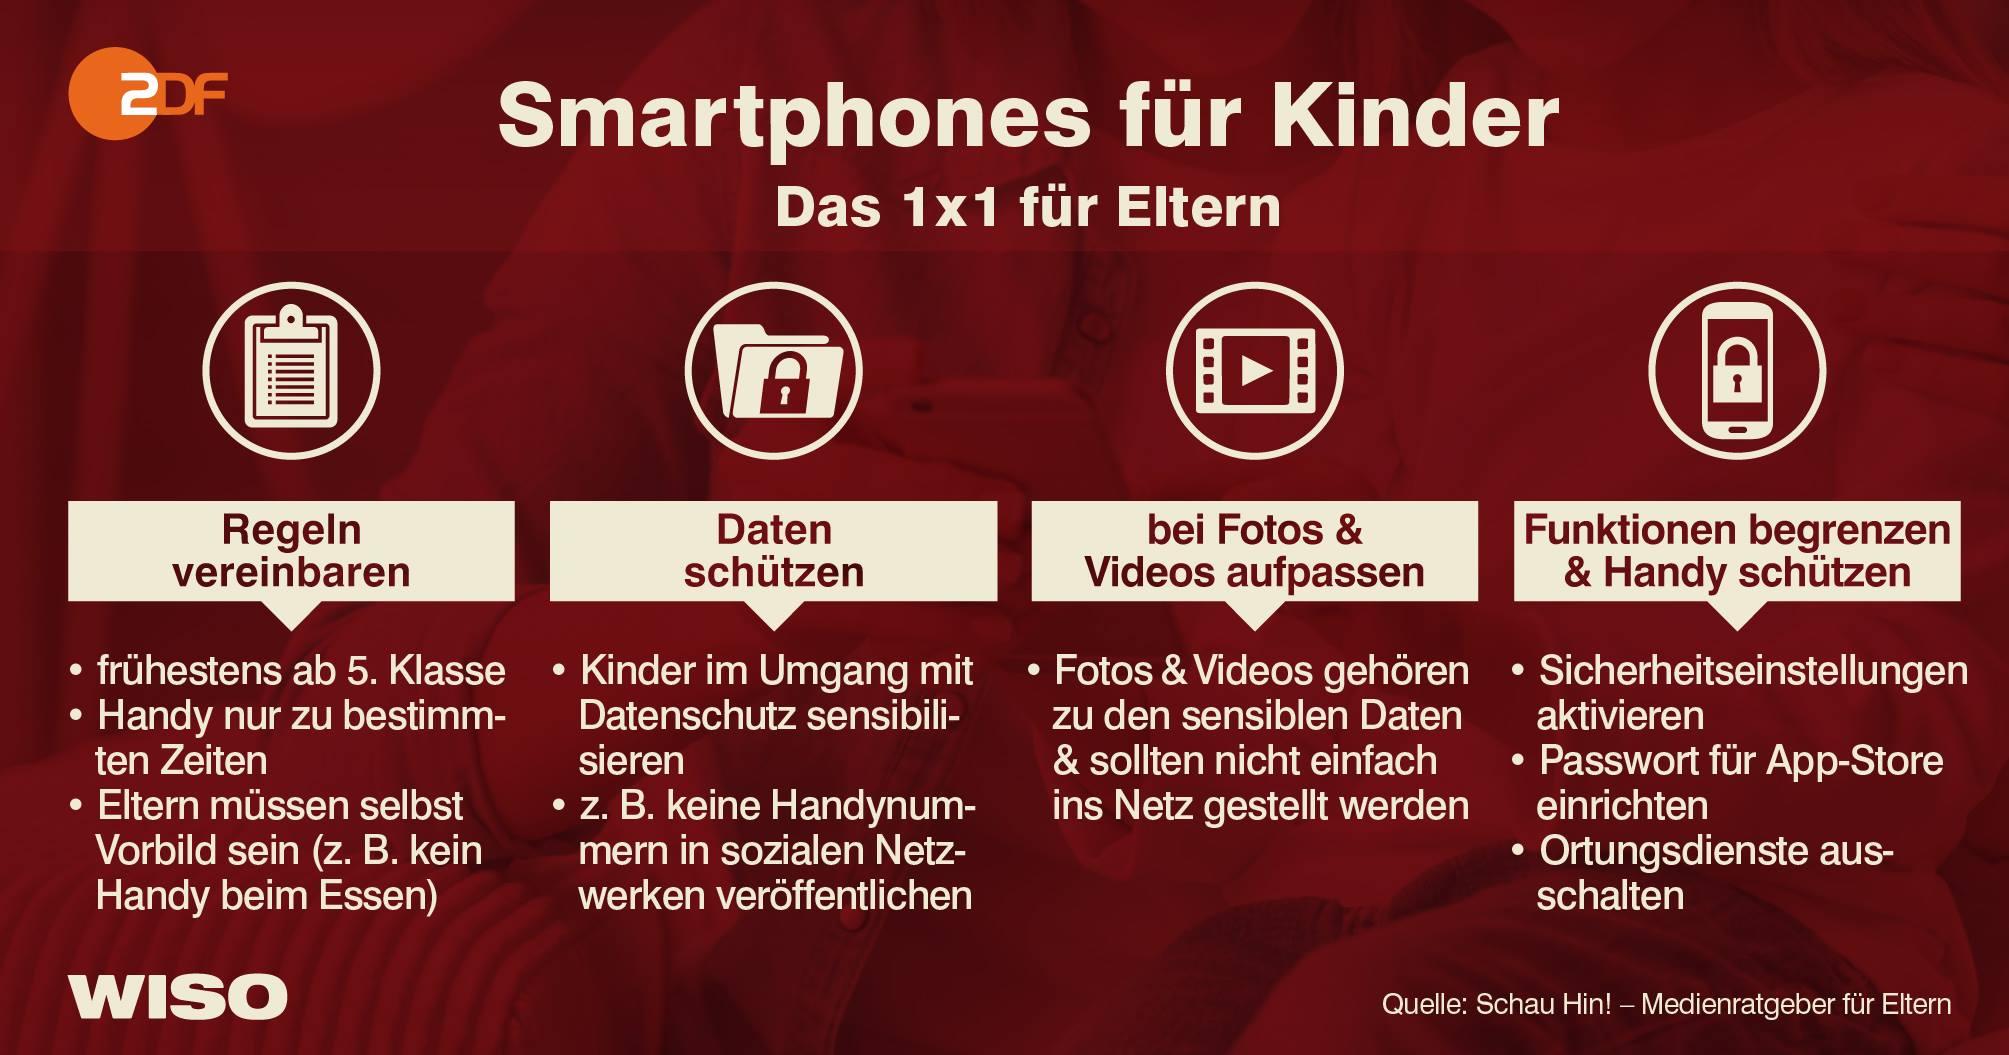 wiso smartphone tipps